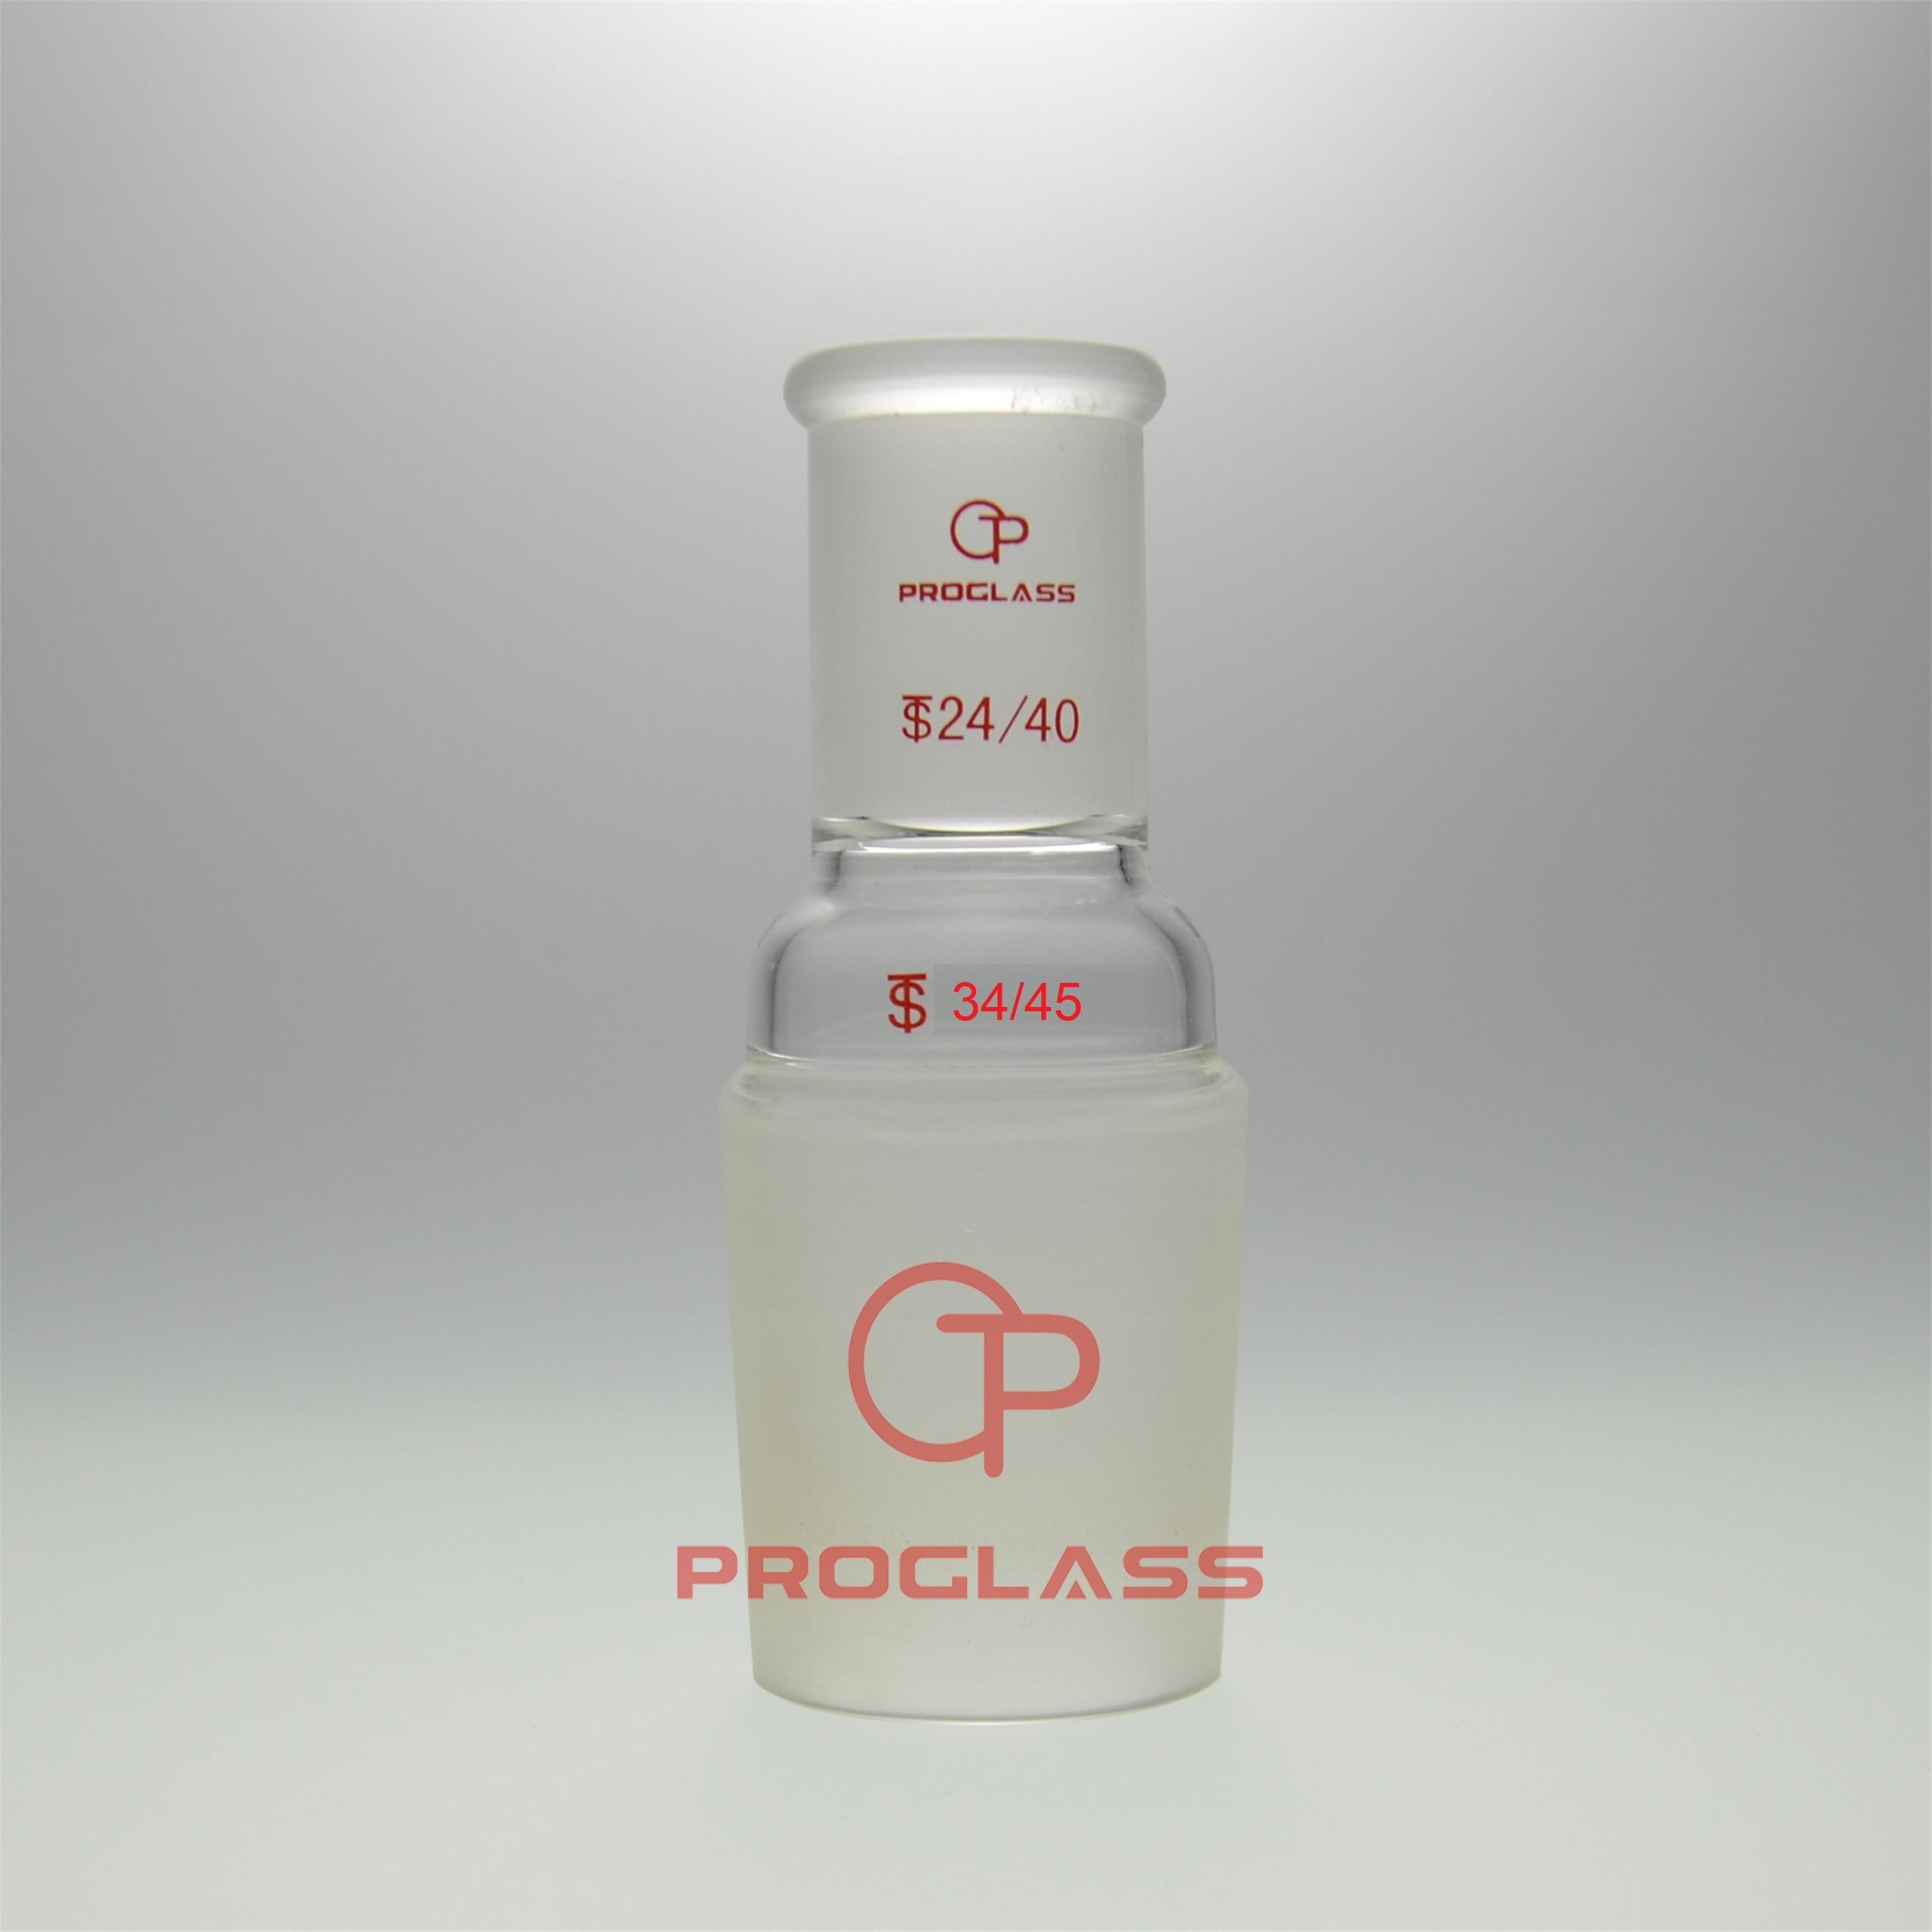 Лабораторный увеличитель стекла Соединительный адаптер верхняя 24/40 Нижняя 34/45